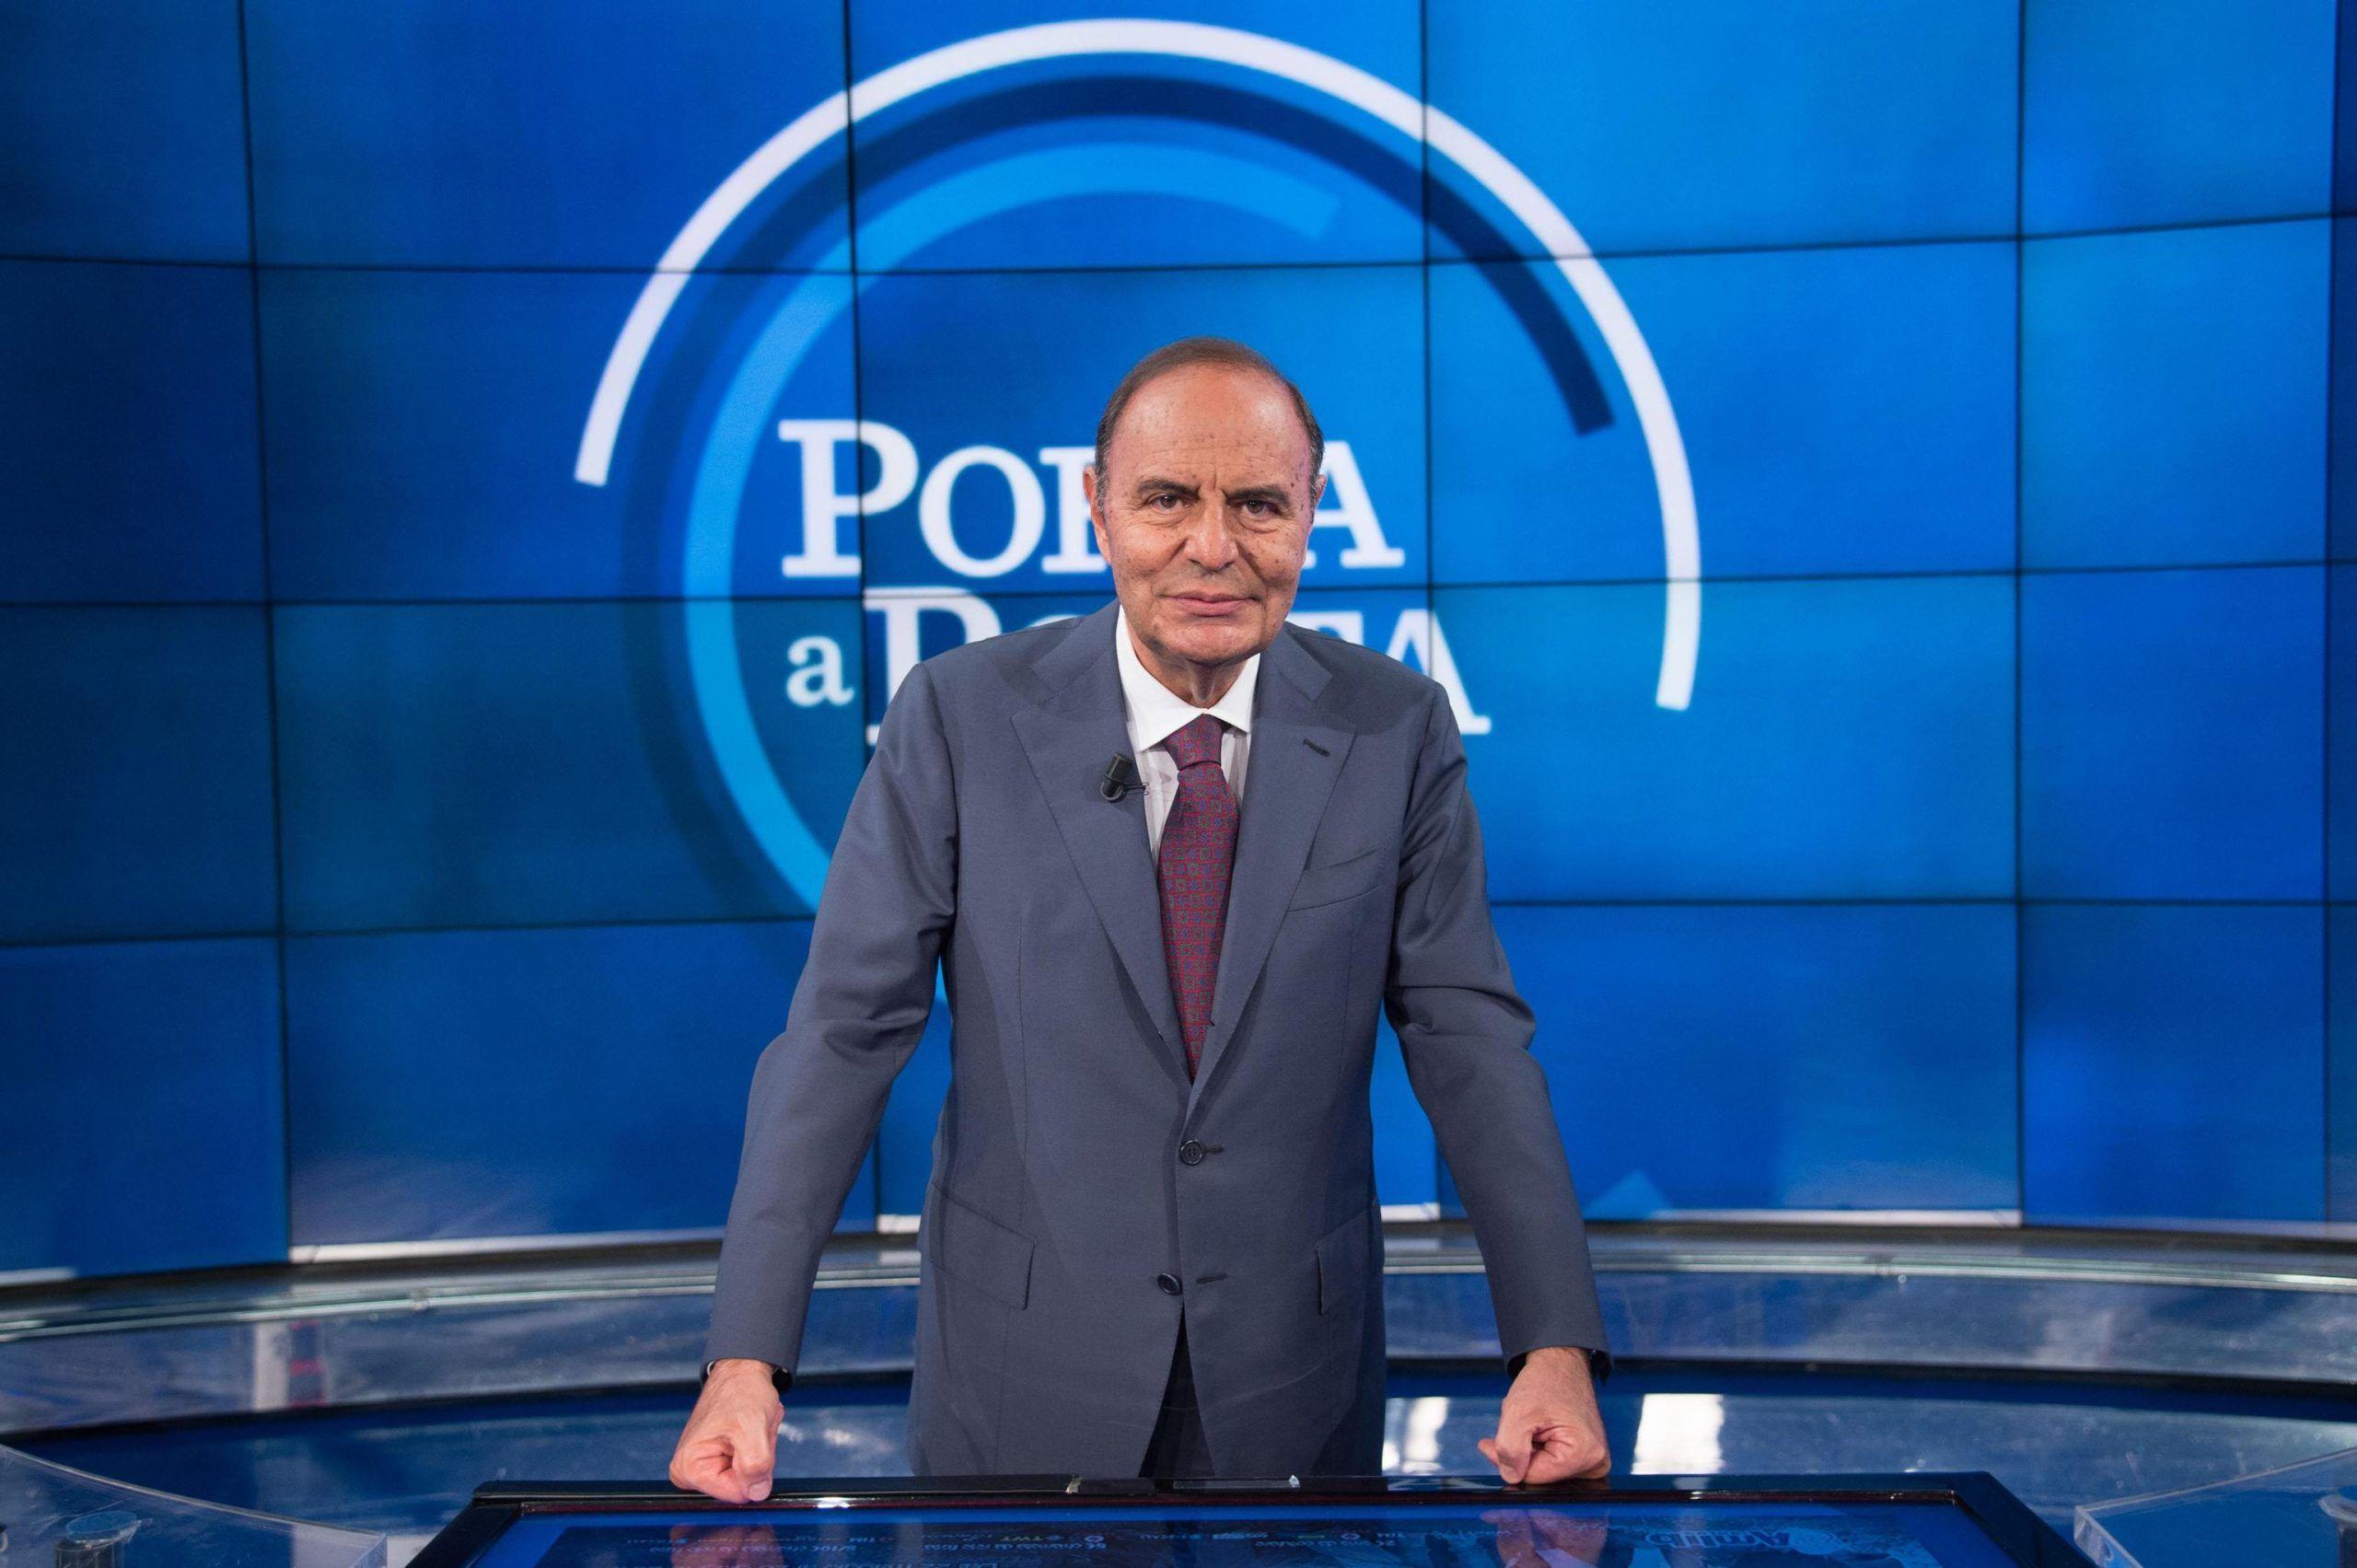 Rai: 'Porta a Porta'; Bruno Vespa